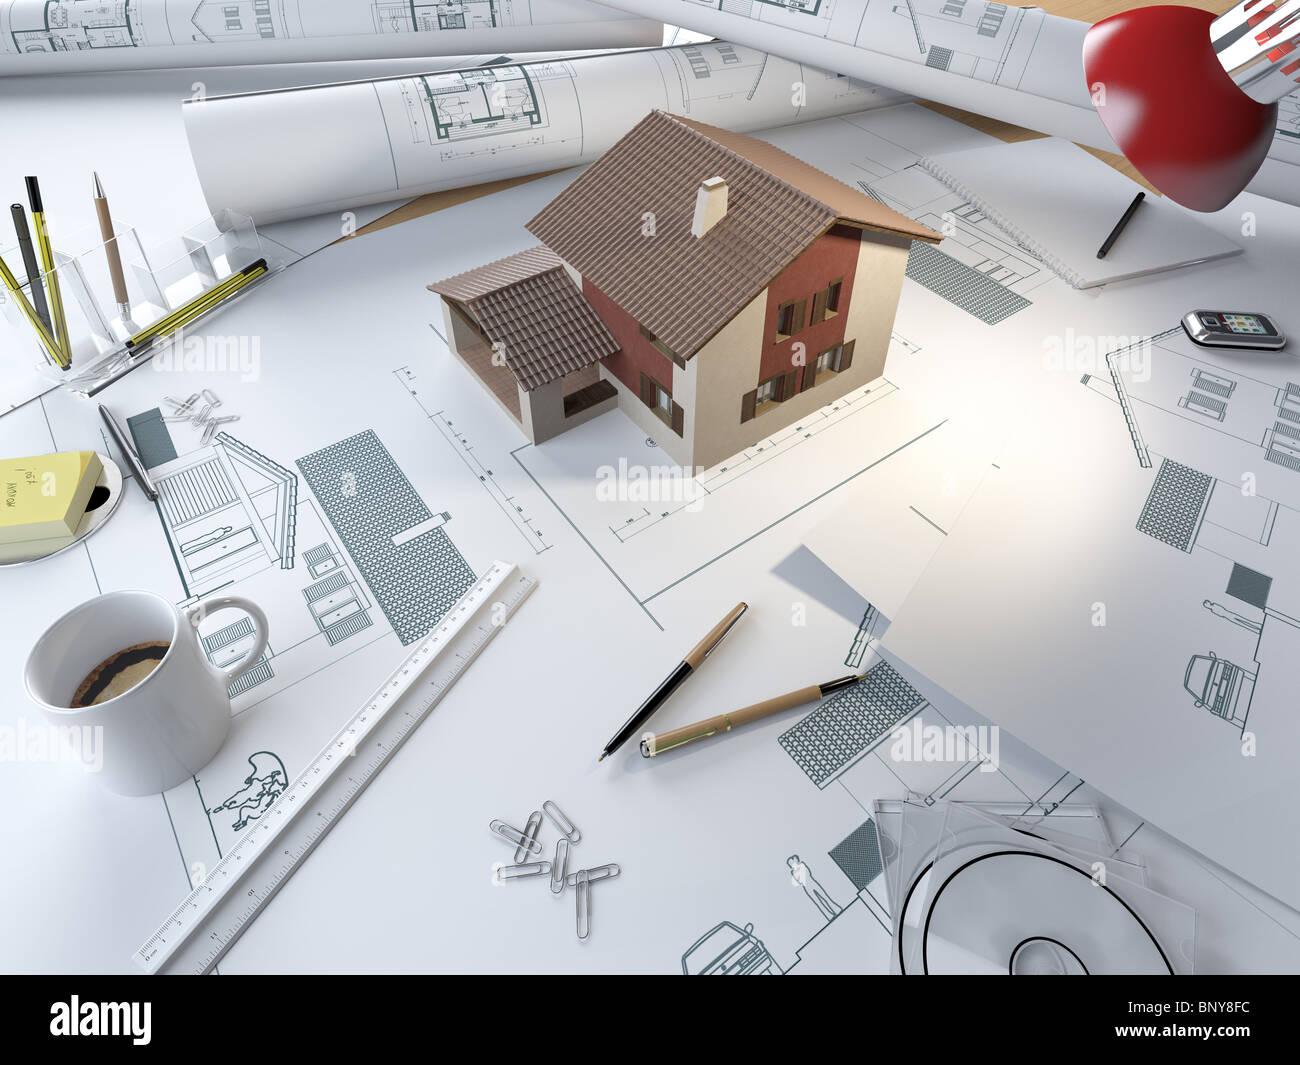 Mesa de dibujo de un arquitecto con planes y modelo 3D de una casa Imagen De Stock